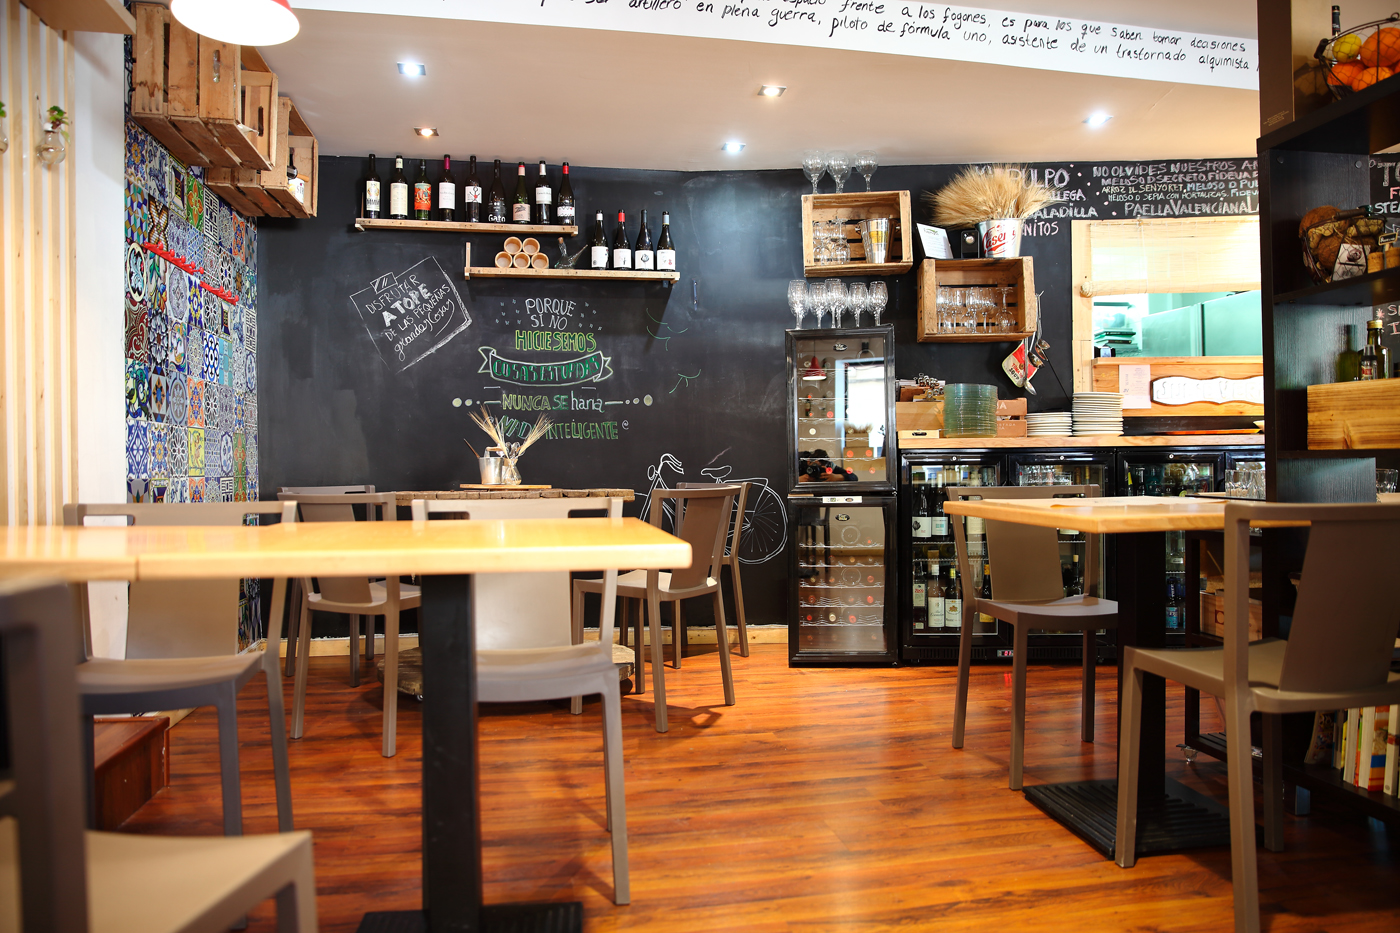 El restaurante julio verne celebra su cuarto aniversario - Restaurante julio verne ...